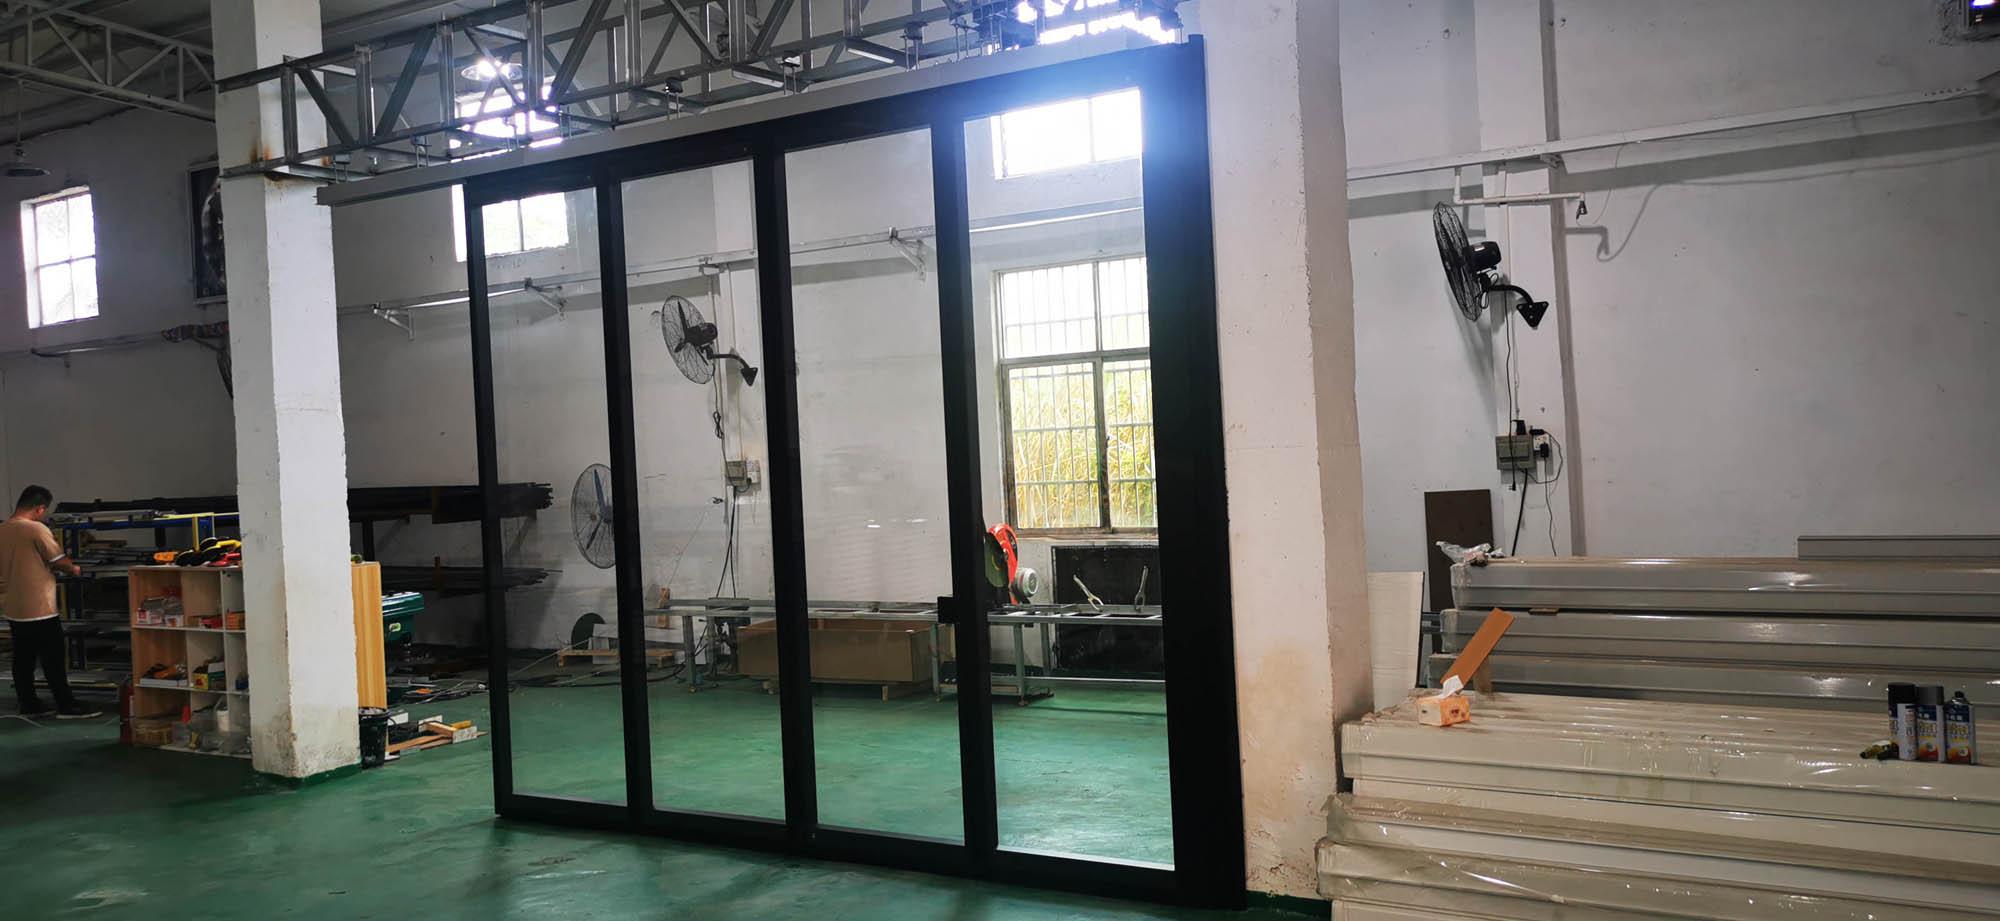 90型玻璃活动隔断(极窄)